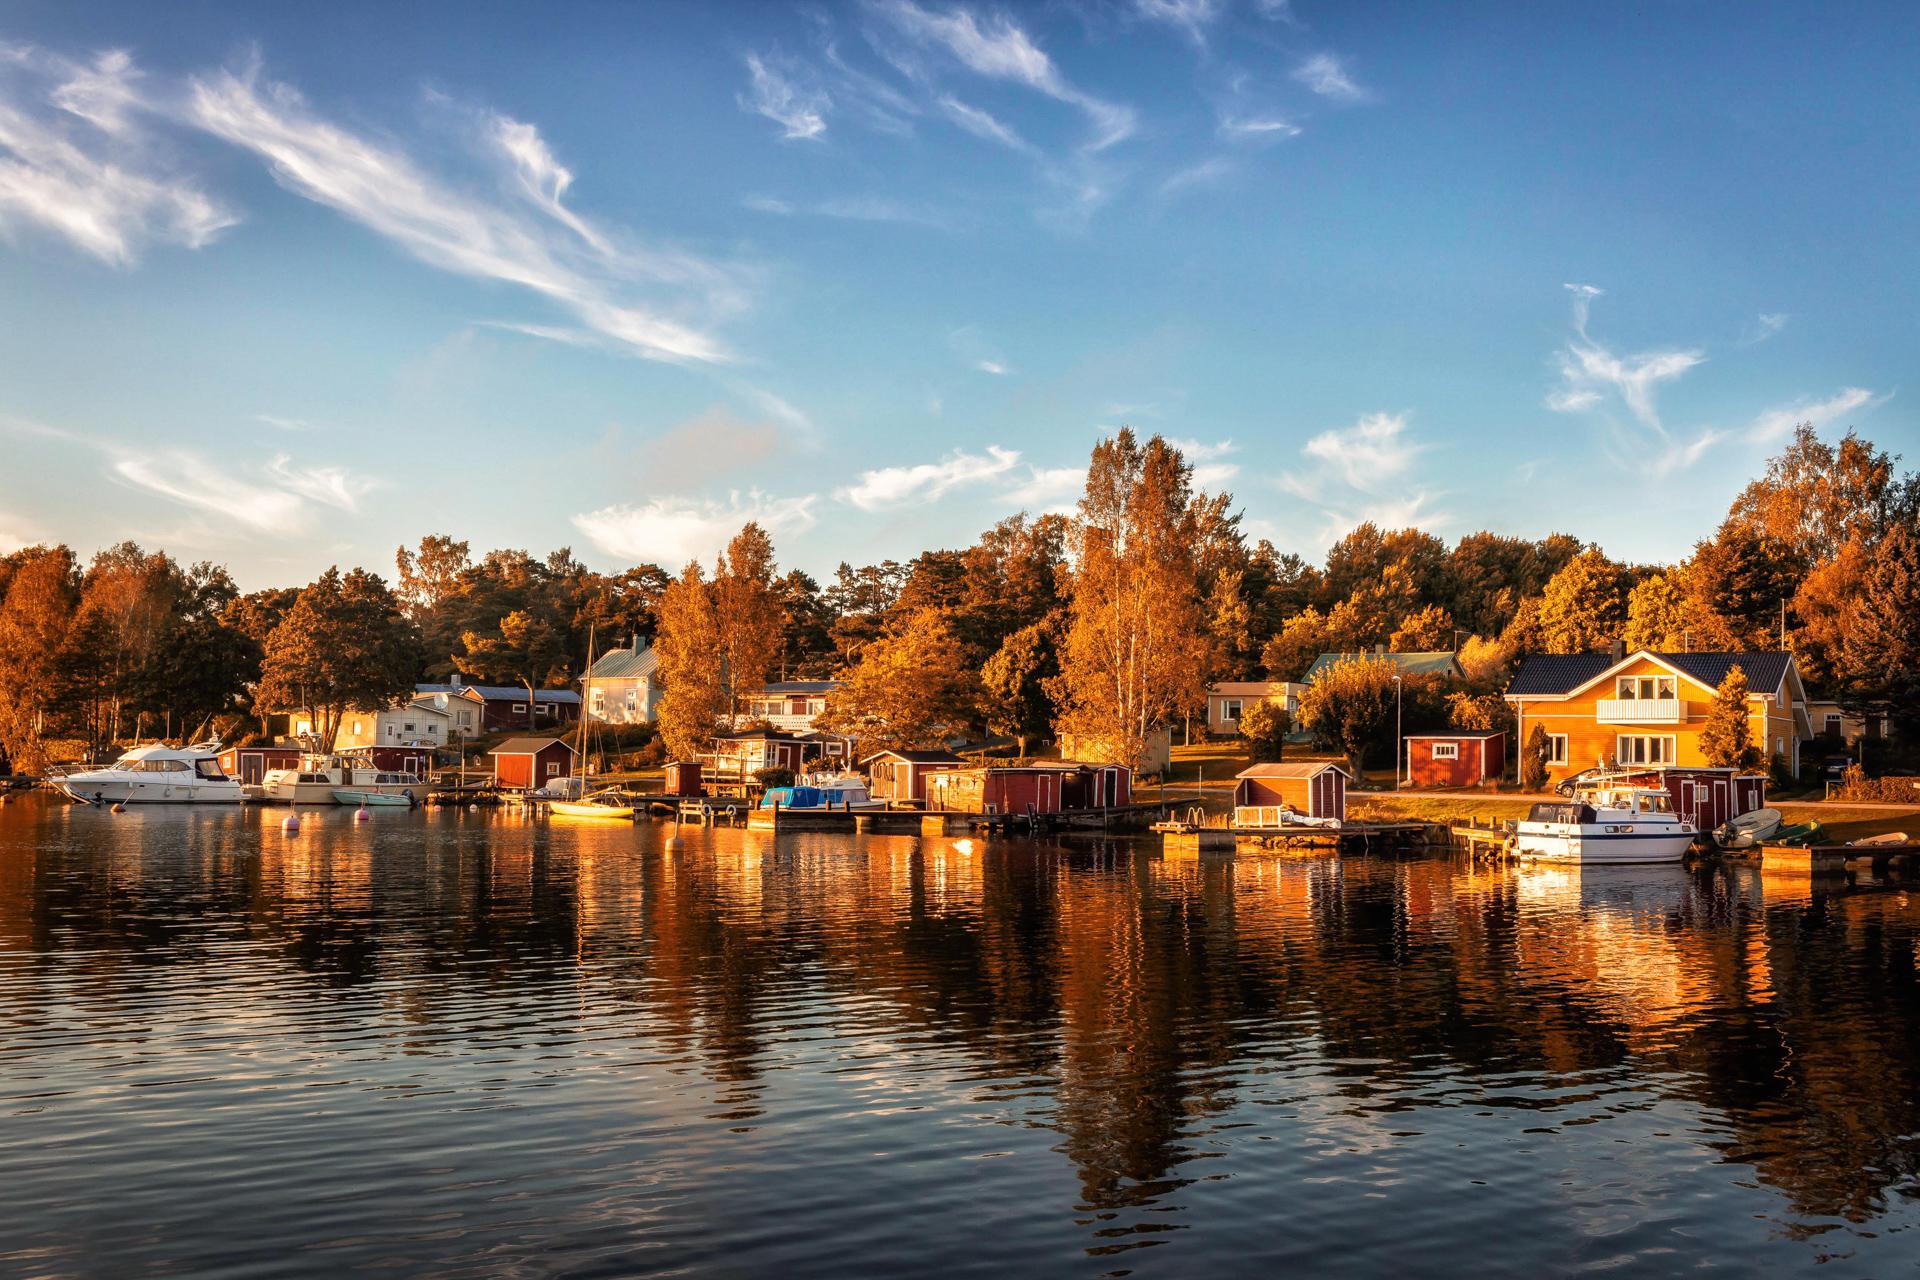 Hanko Finland, September 2016